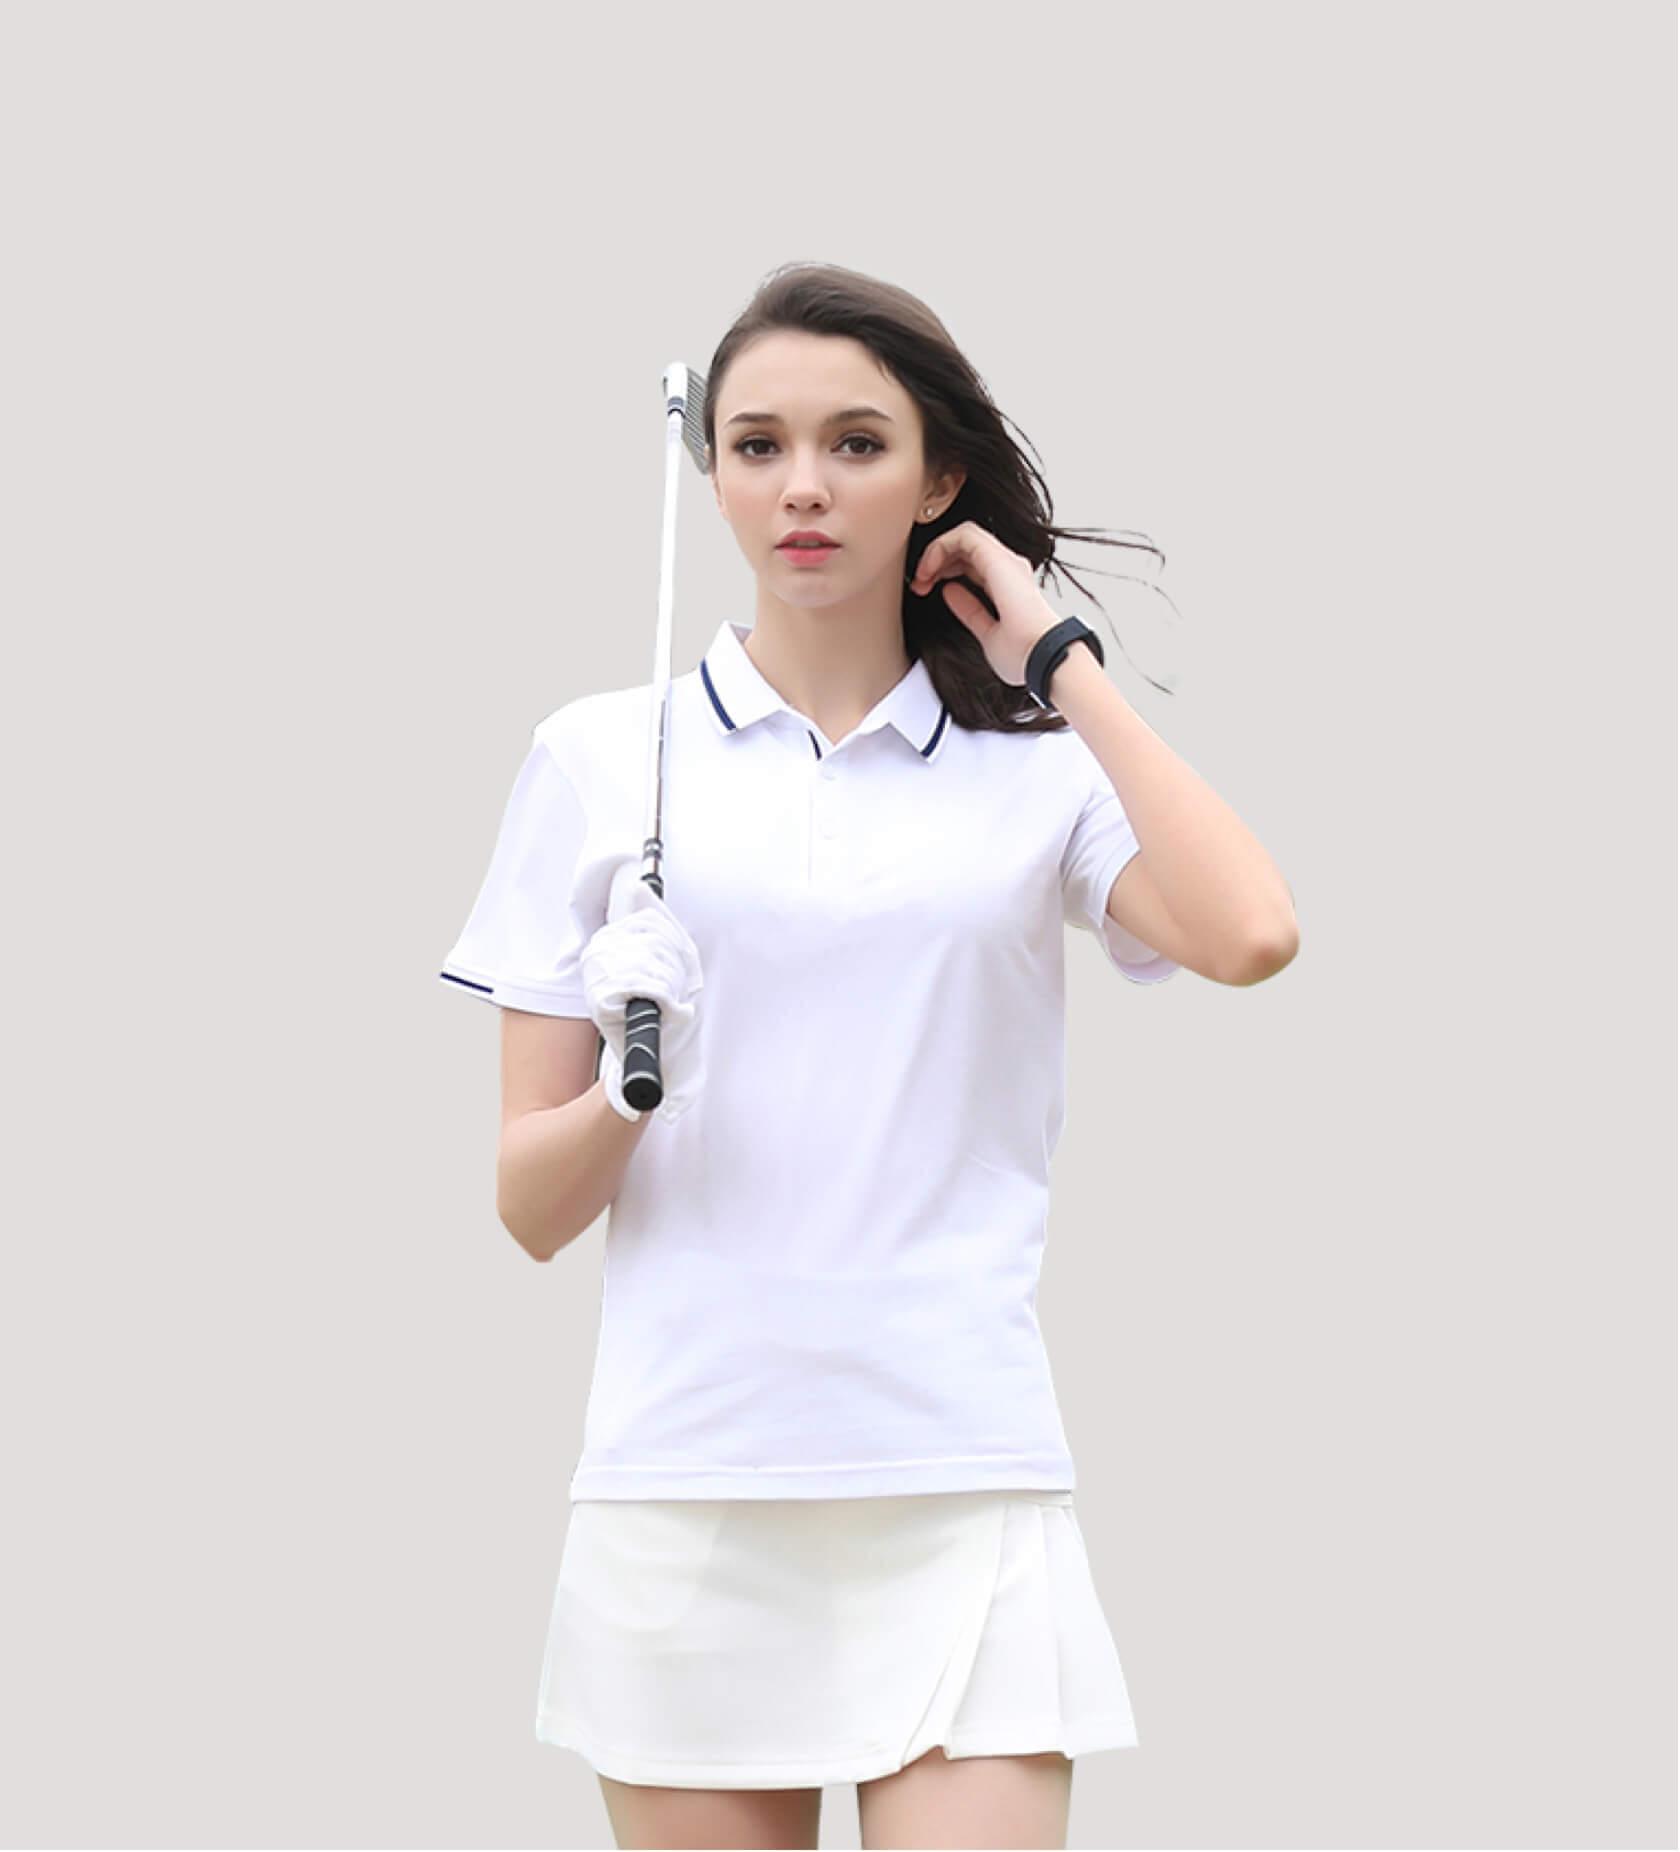 高端定制POLO衫的正確保養方法